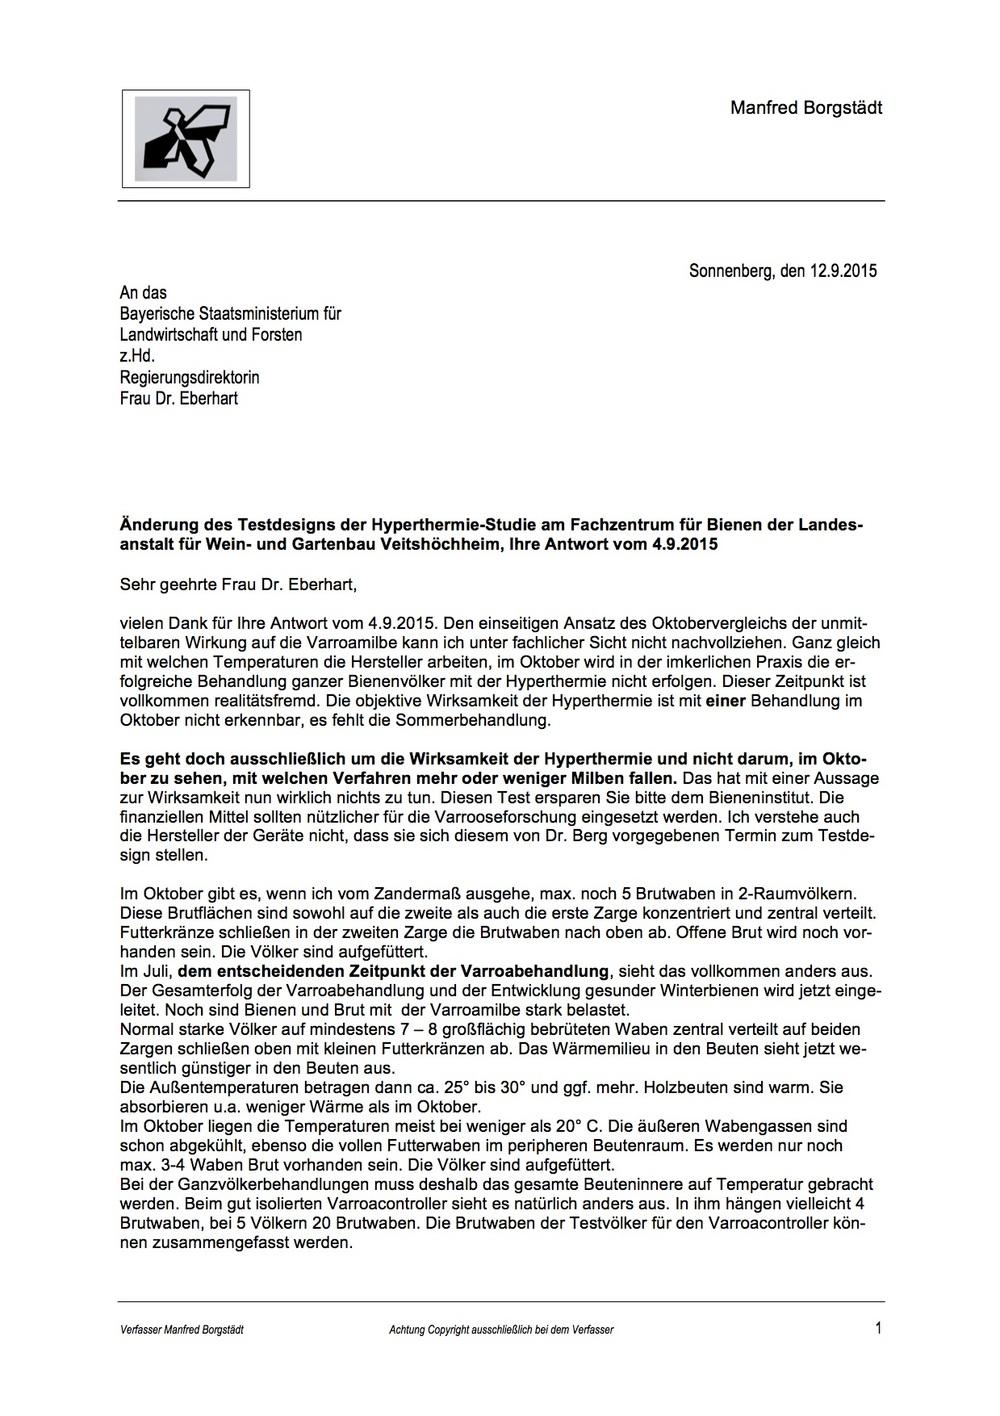 150915 Schreiben Bayerisches  Staatsministerium.jpg